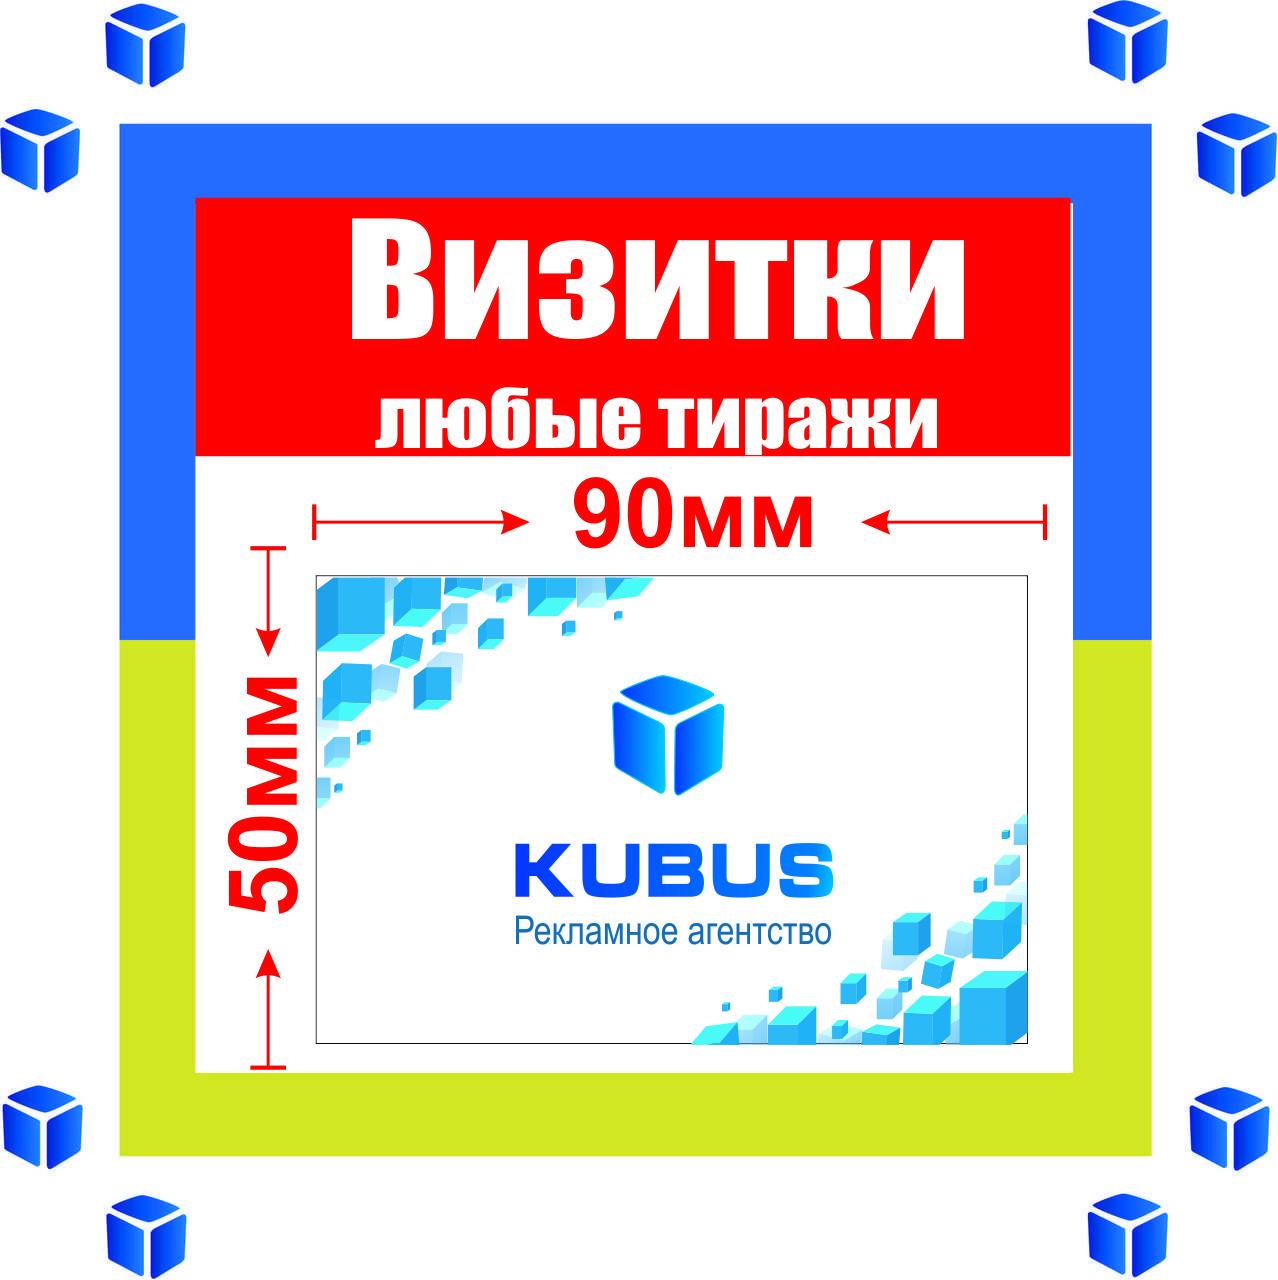 Визитки цветные двухсторонние 10 000 шт(любые тиражи, защитный лак матовый/ 3 дня )